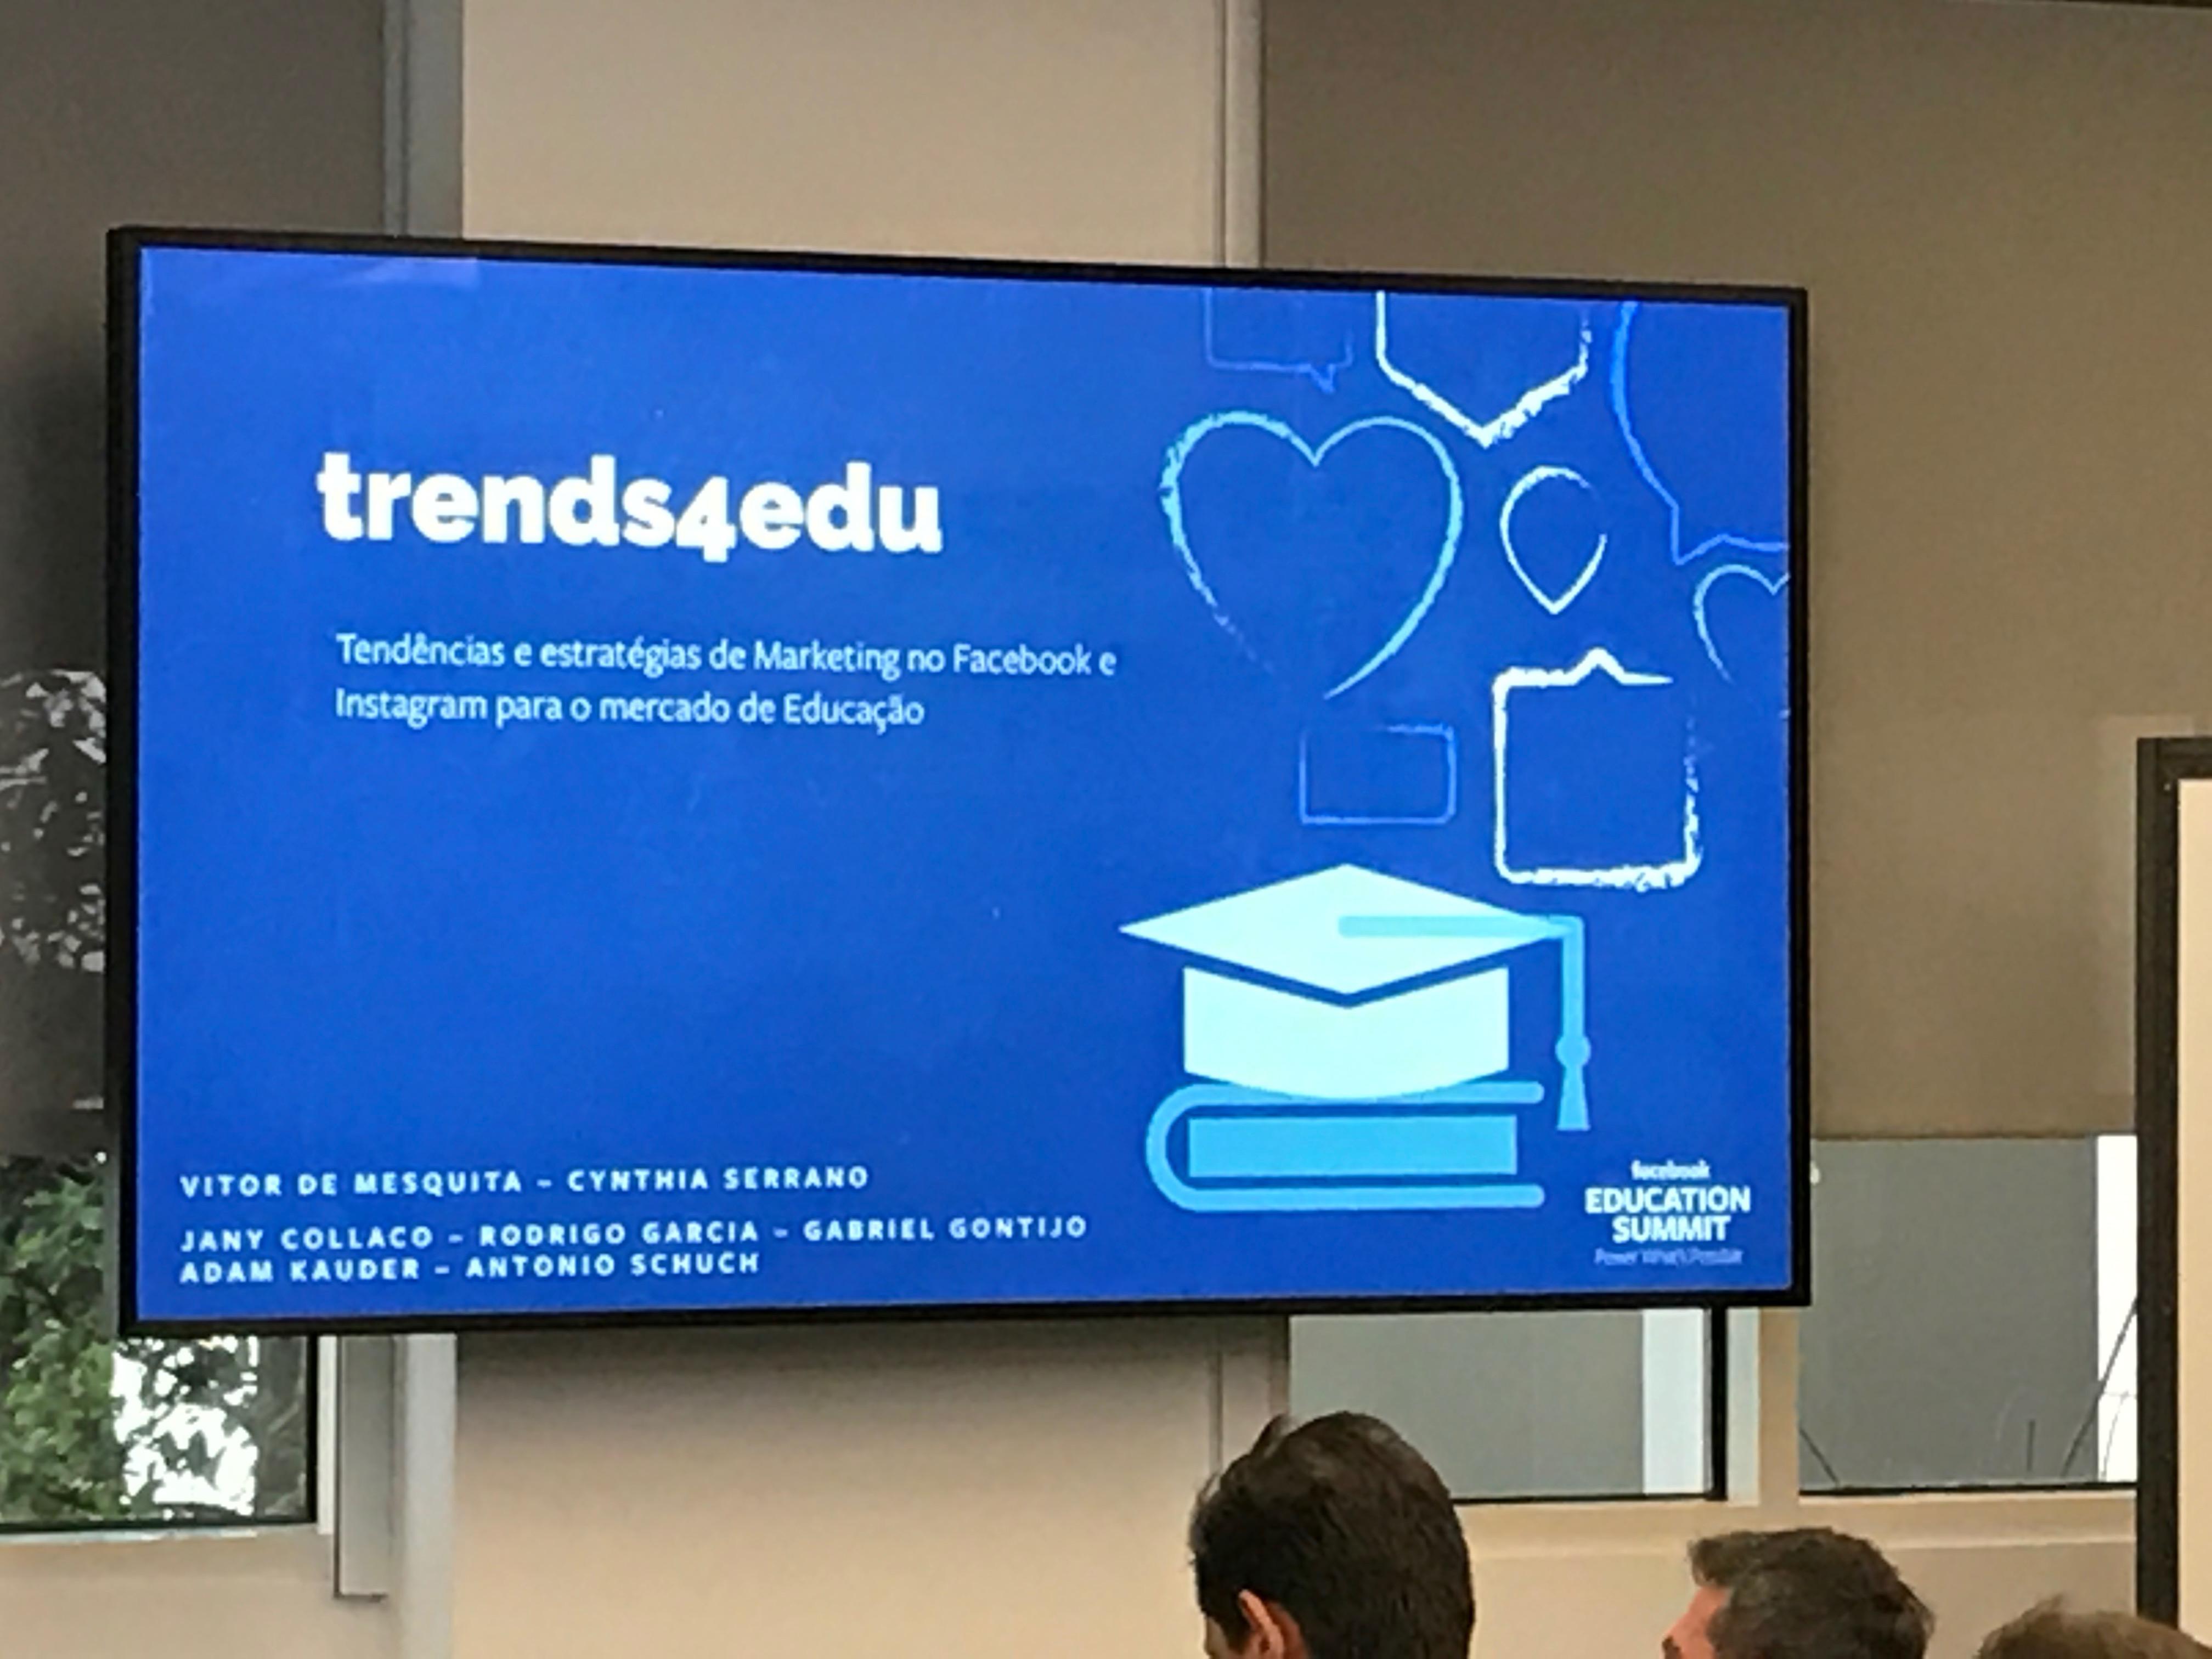 trends4edu